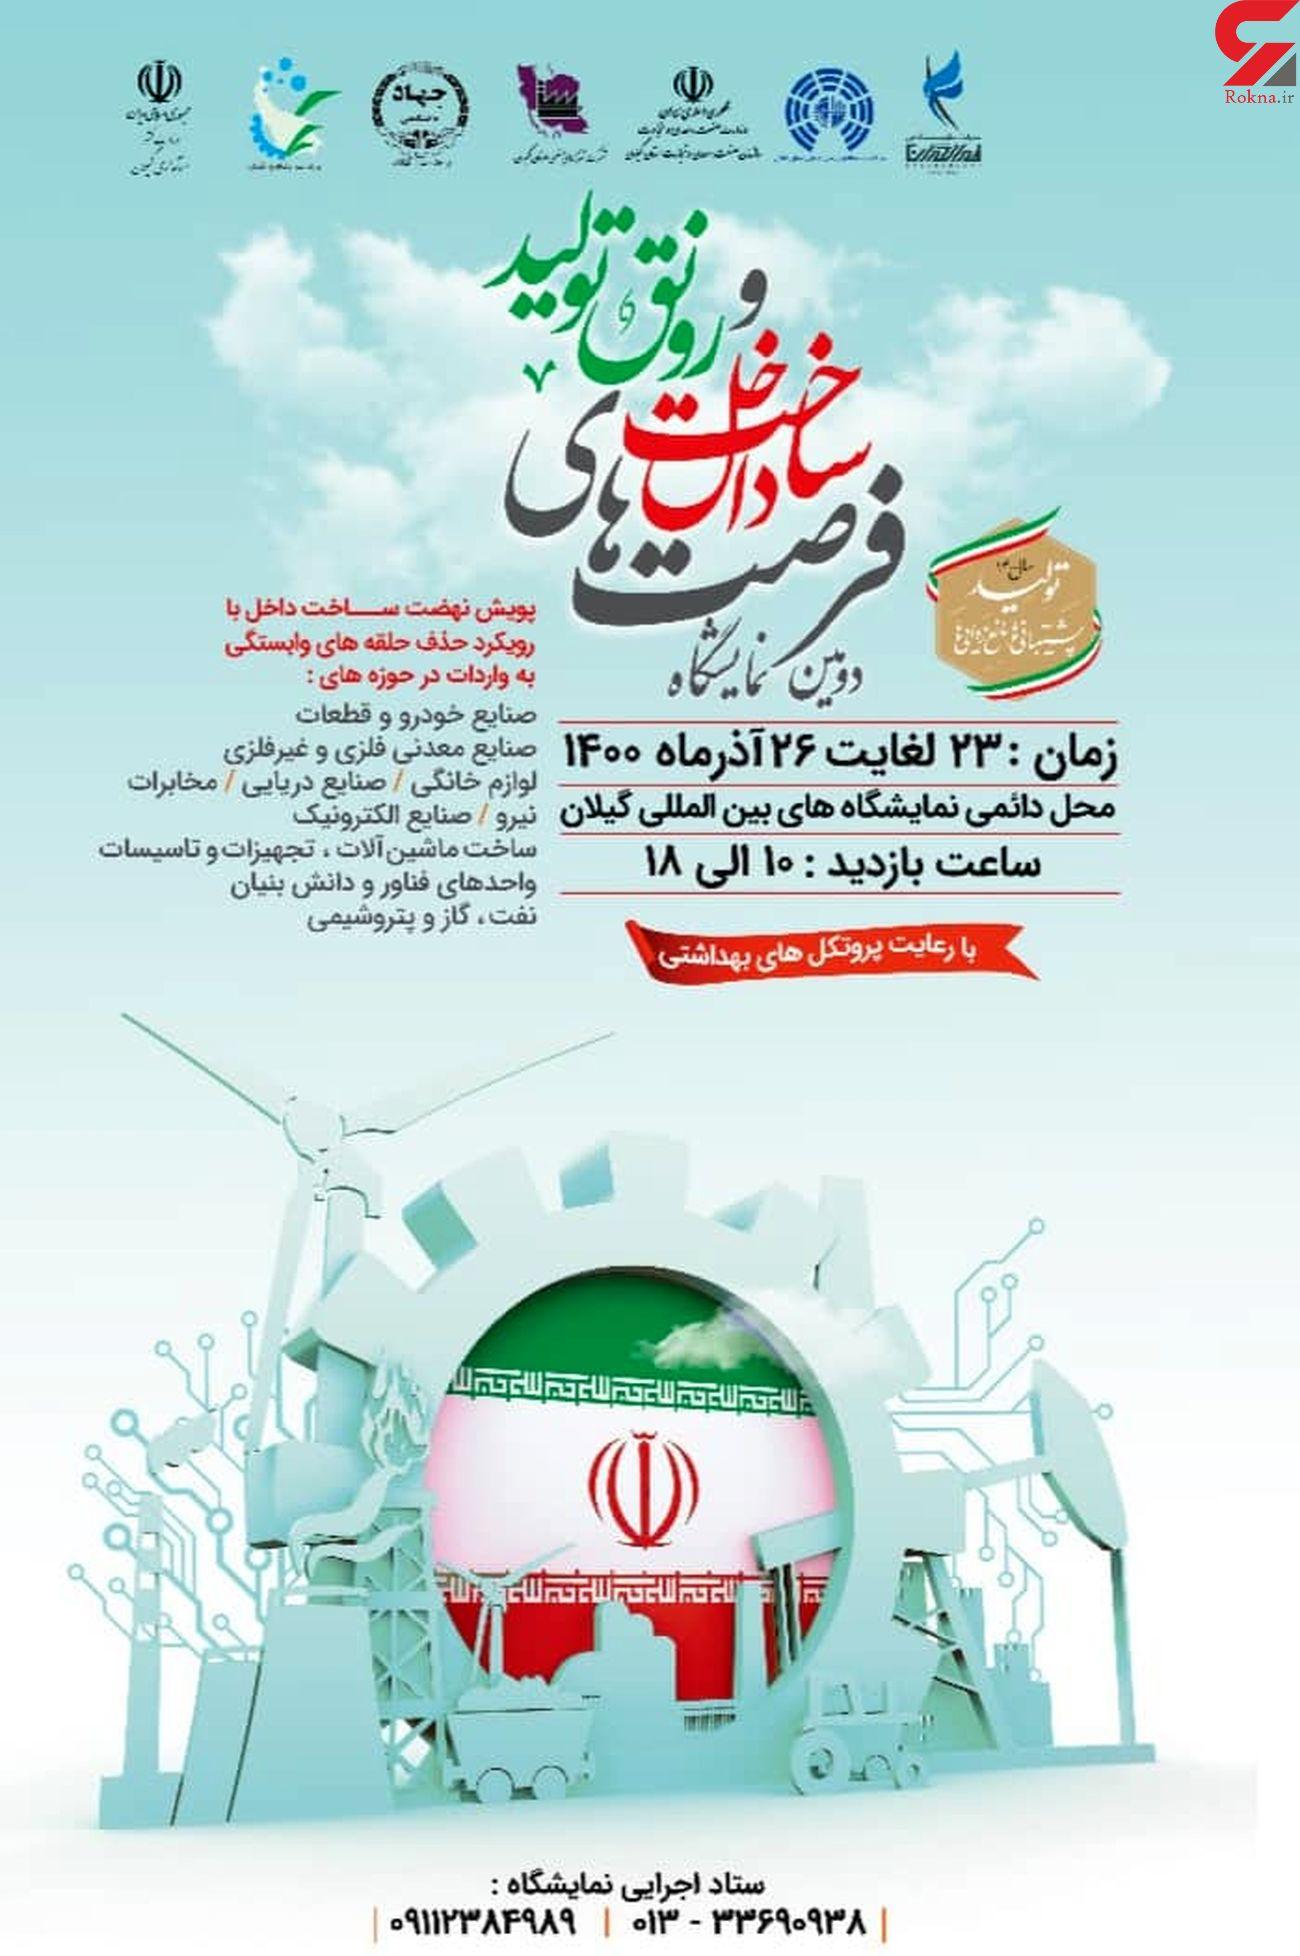 برگزاری دومین نمایشگاه فرصتهای ساخت داخل و رونق تولید در استان گیلان